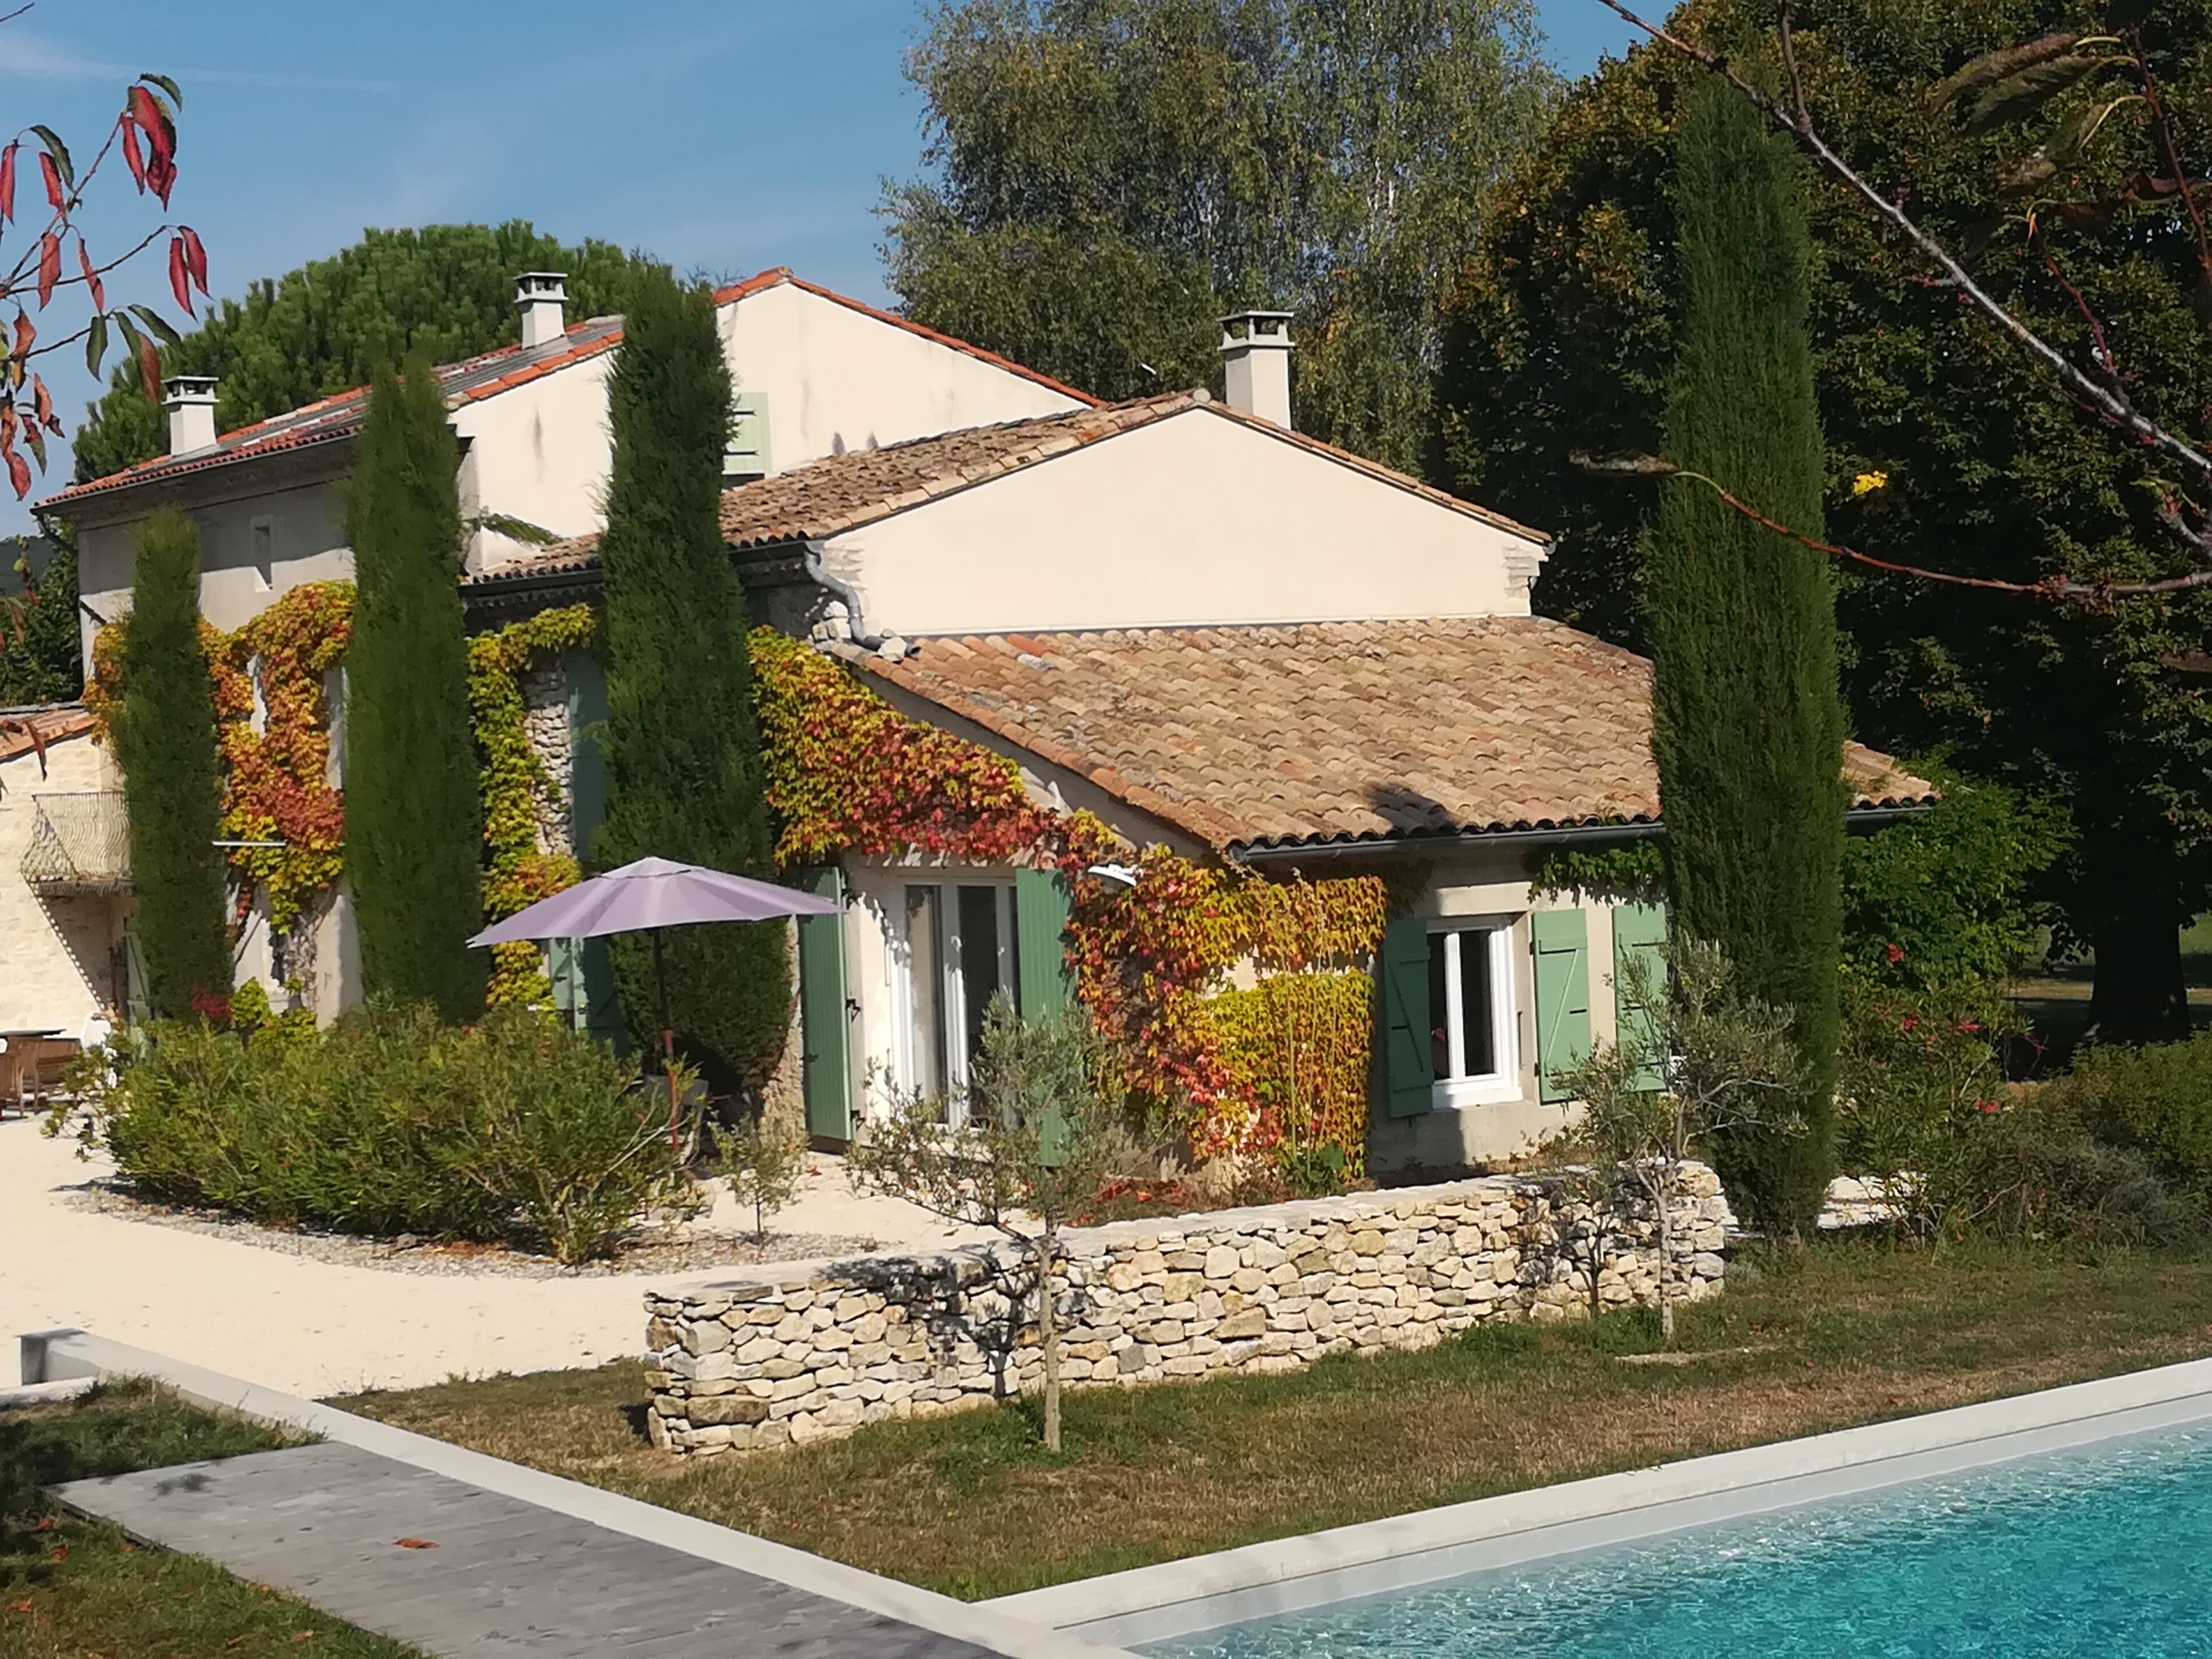 Vignaux - Gîte et Chambres d'hôtes - Drôme provençale